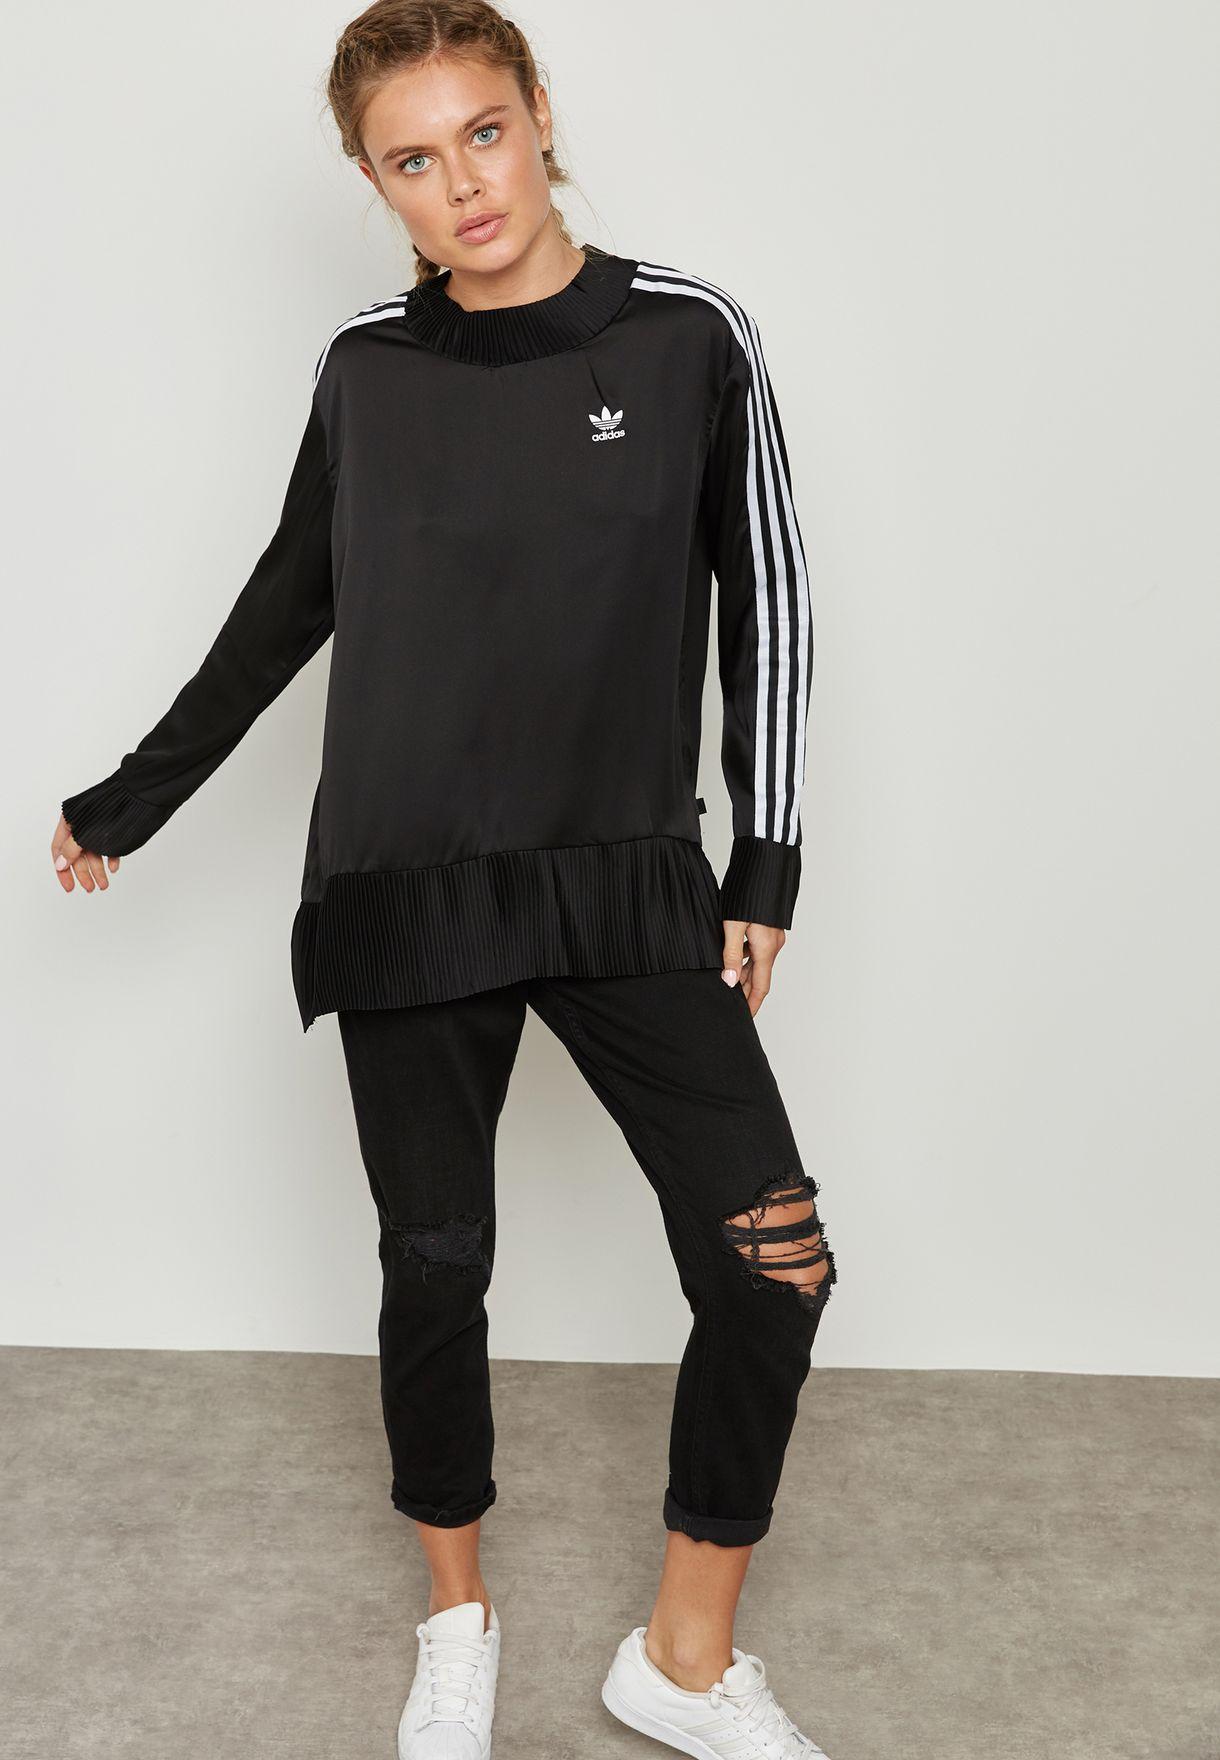 3 Stripe Sweatshirt